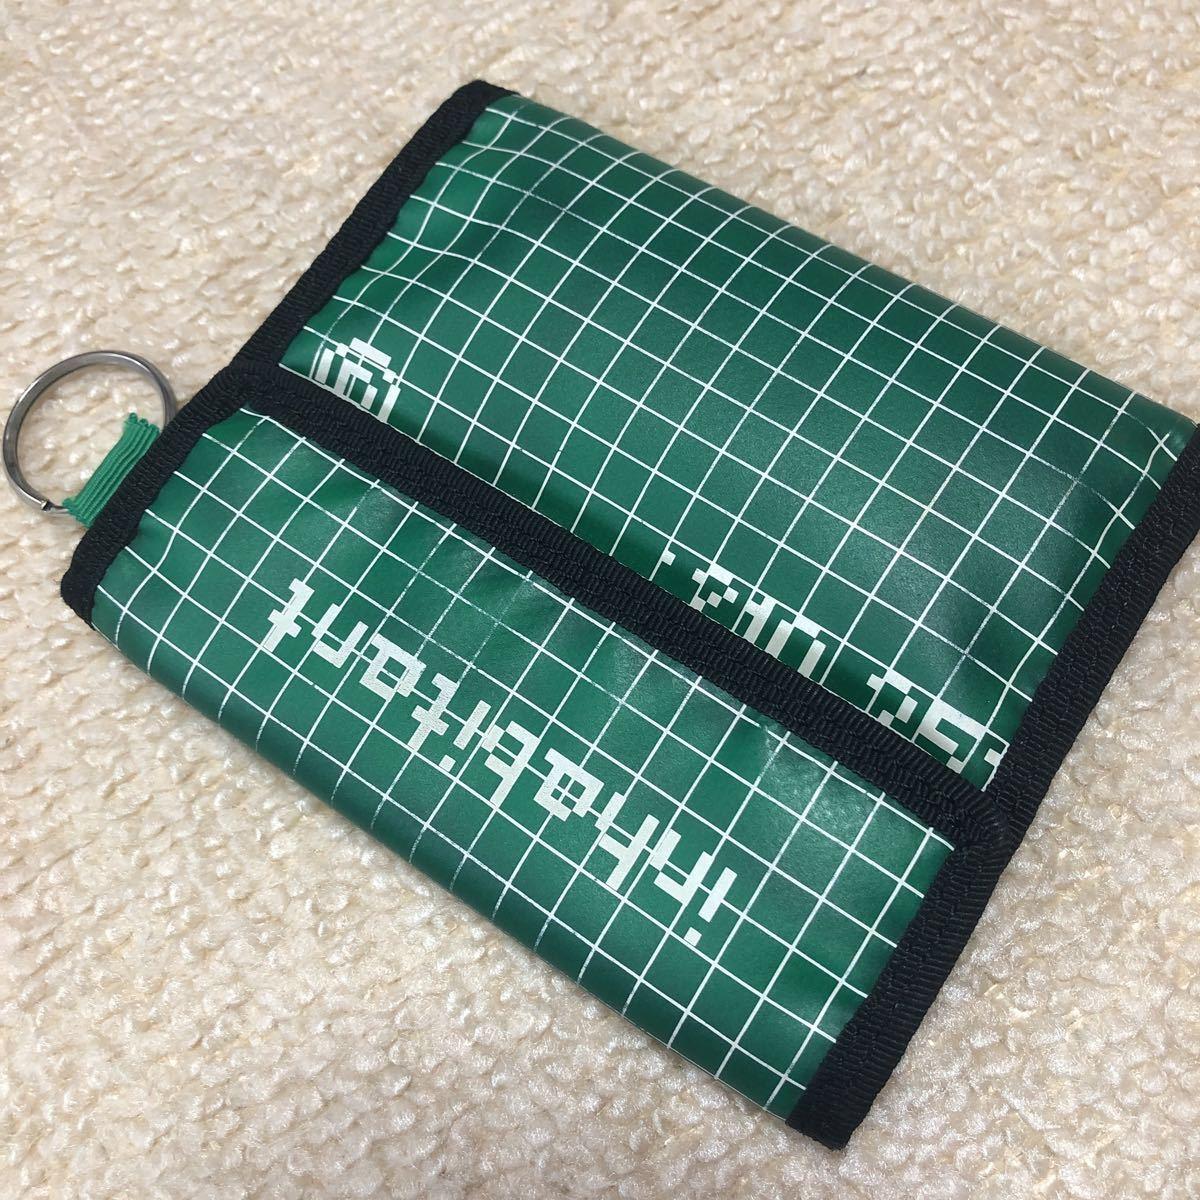 インハビタント☆INHABITANT☆財布☆三つ折り財布☆中古品